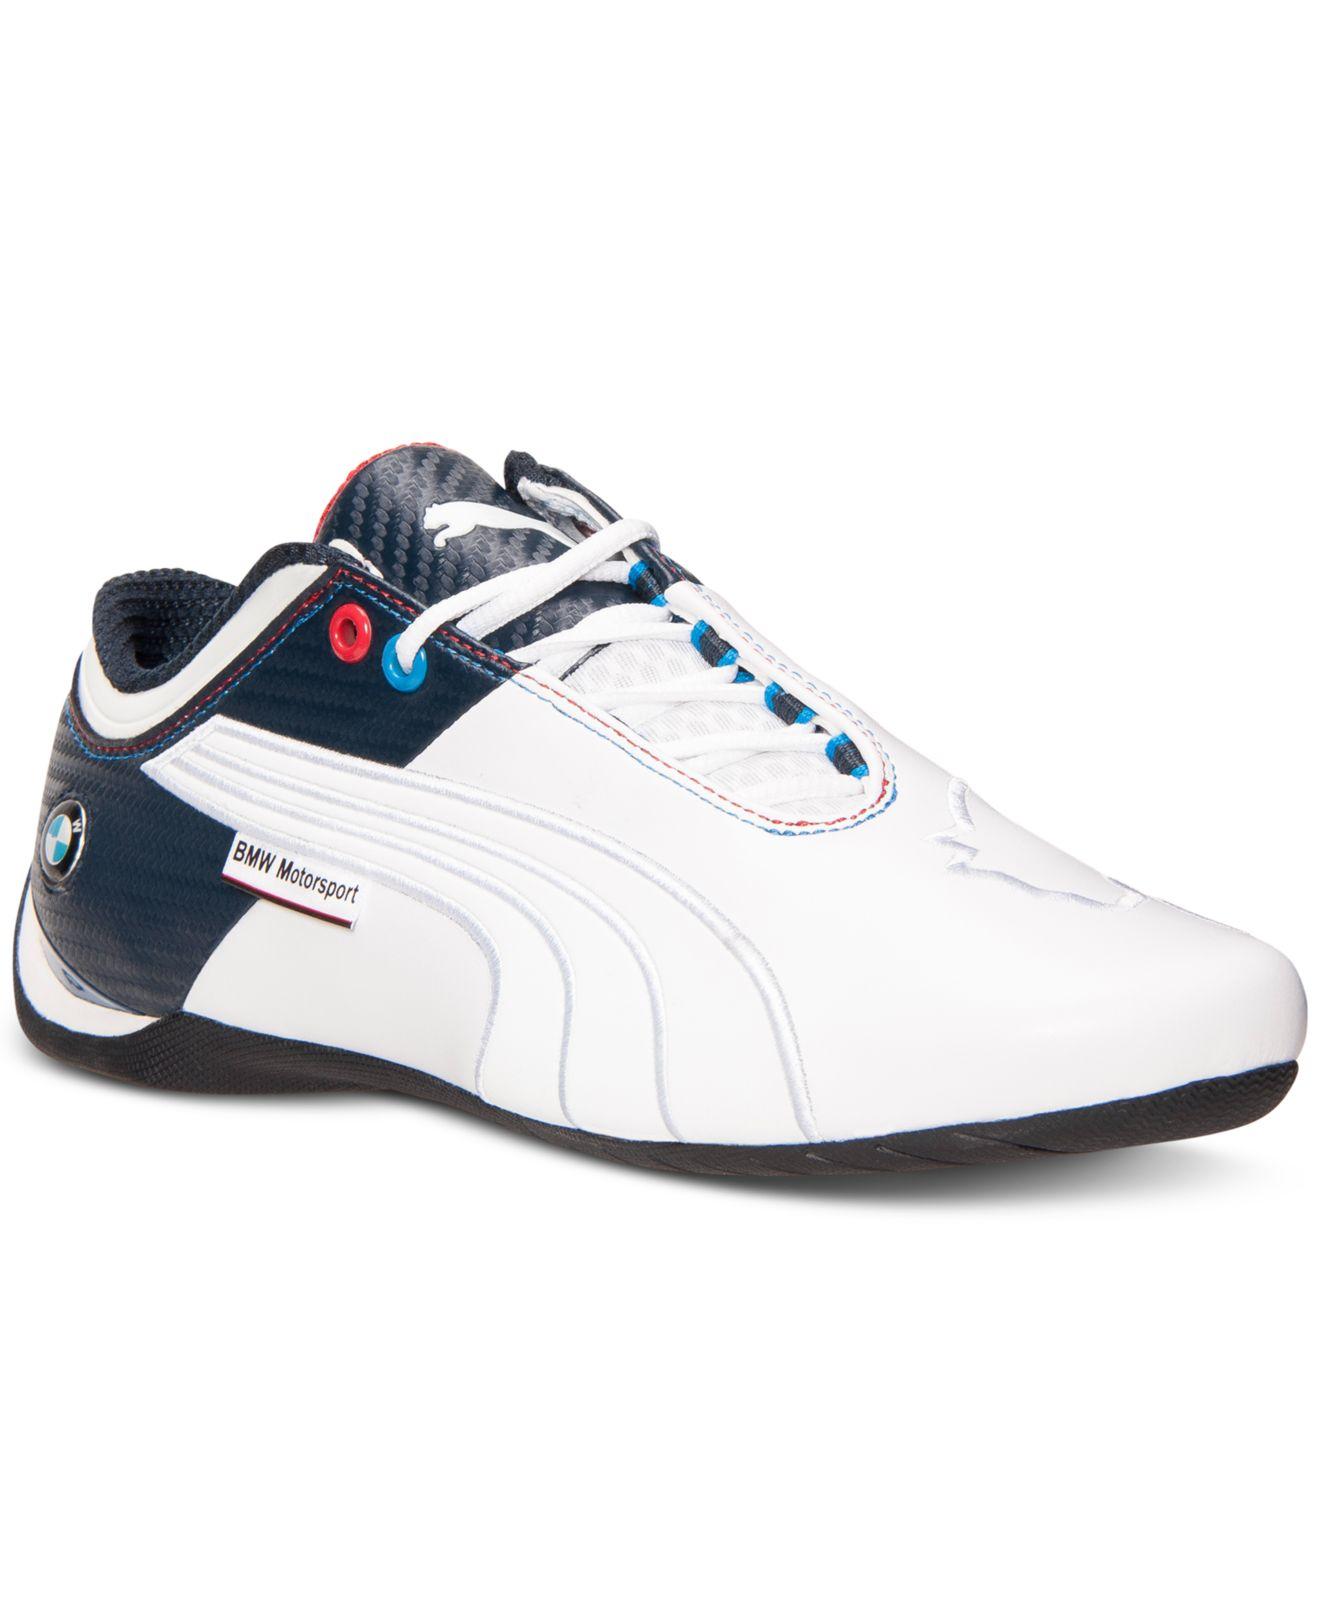 Puma Casual Shoes Australia